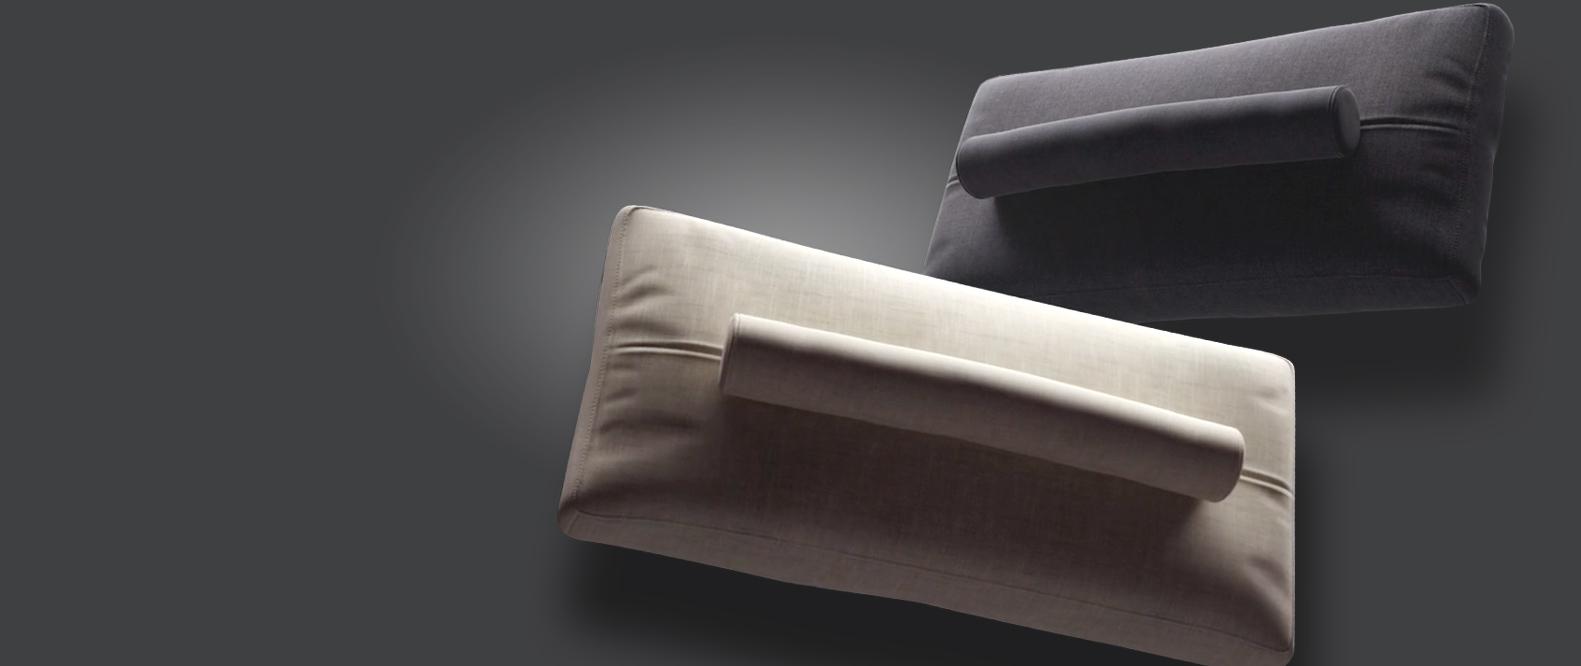 Luxury Materials